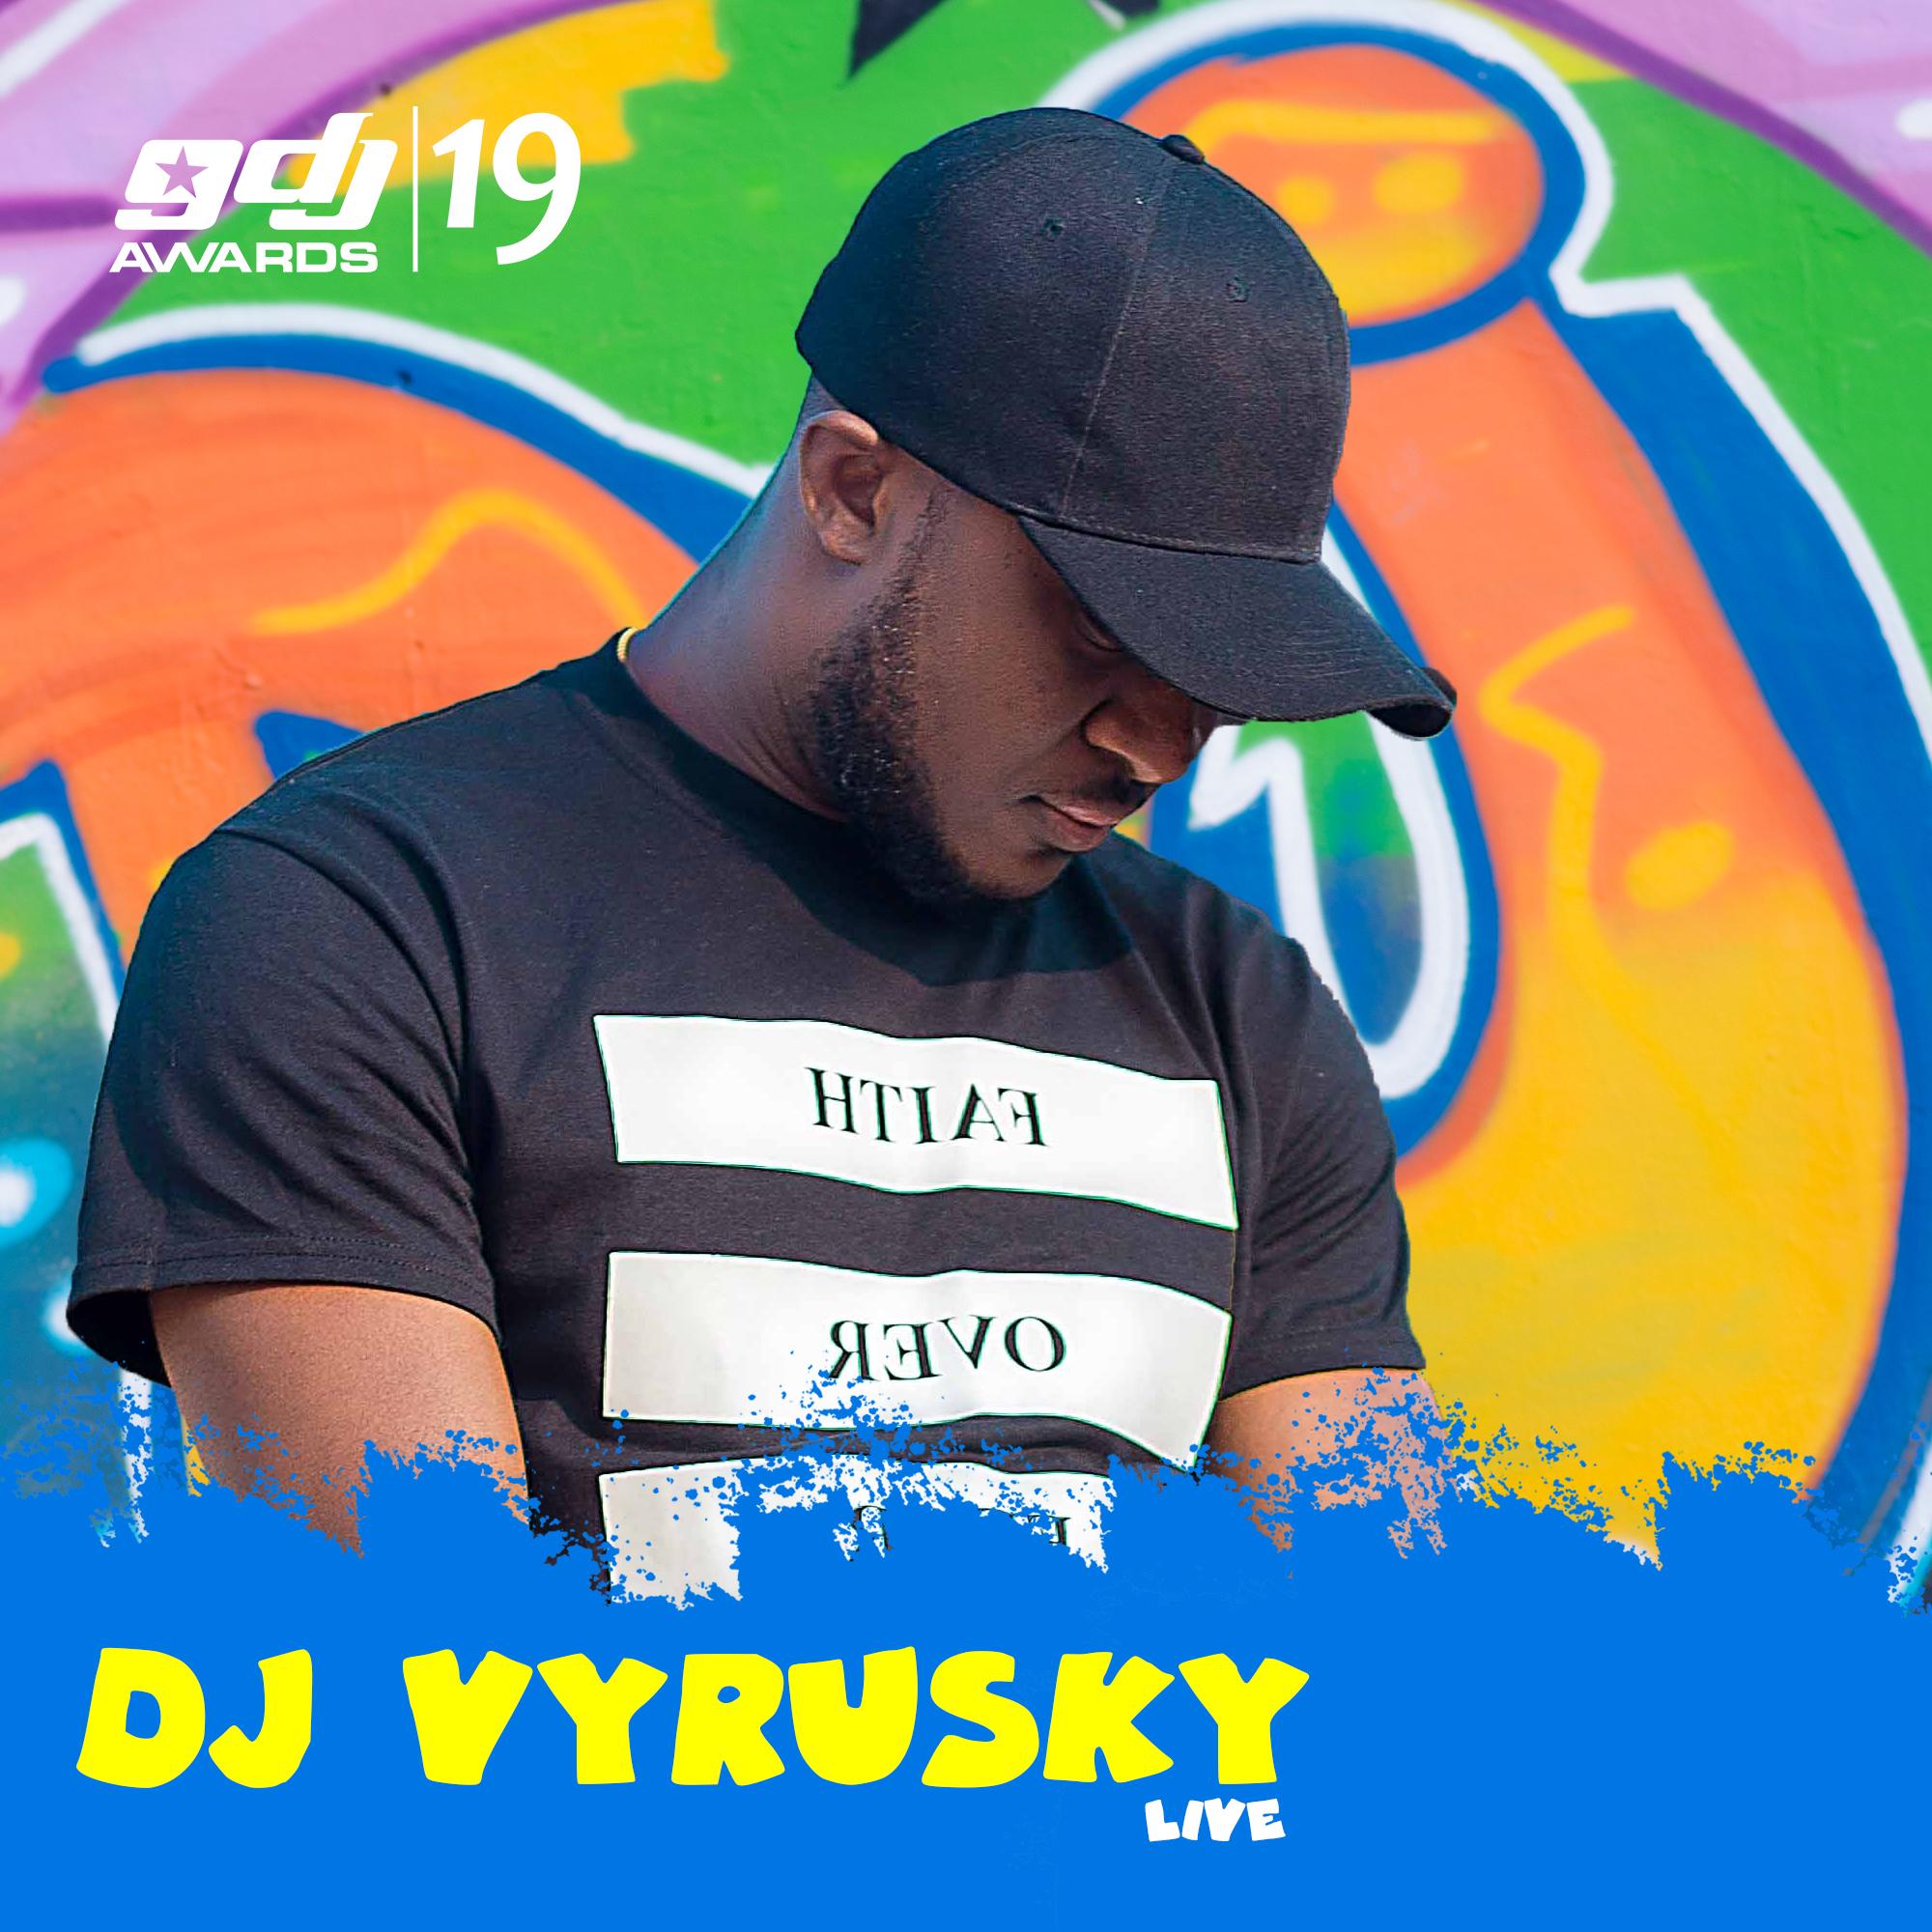 DJ Vyrusky - ghanadjawards.org